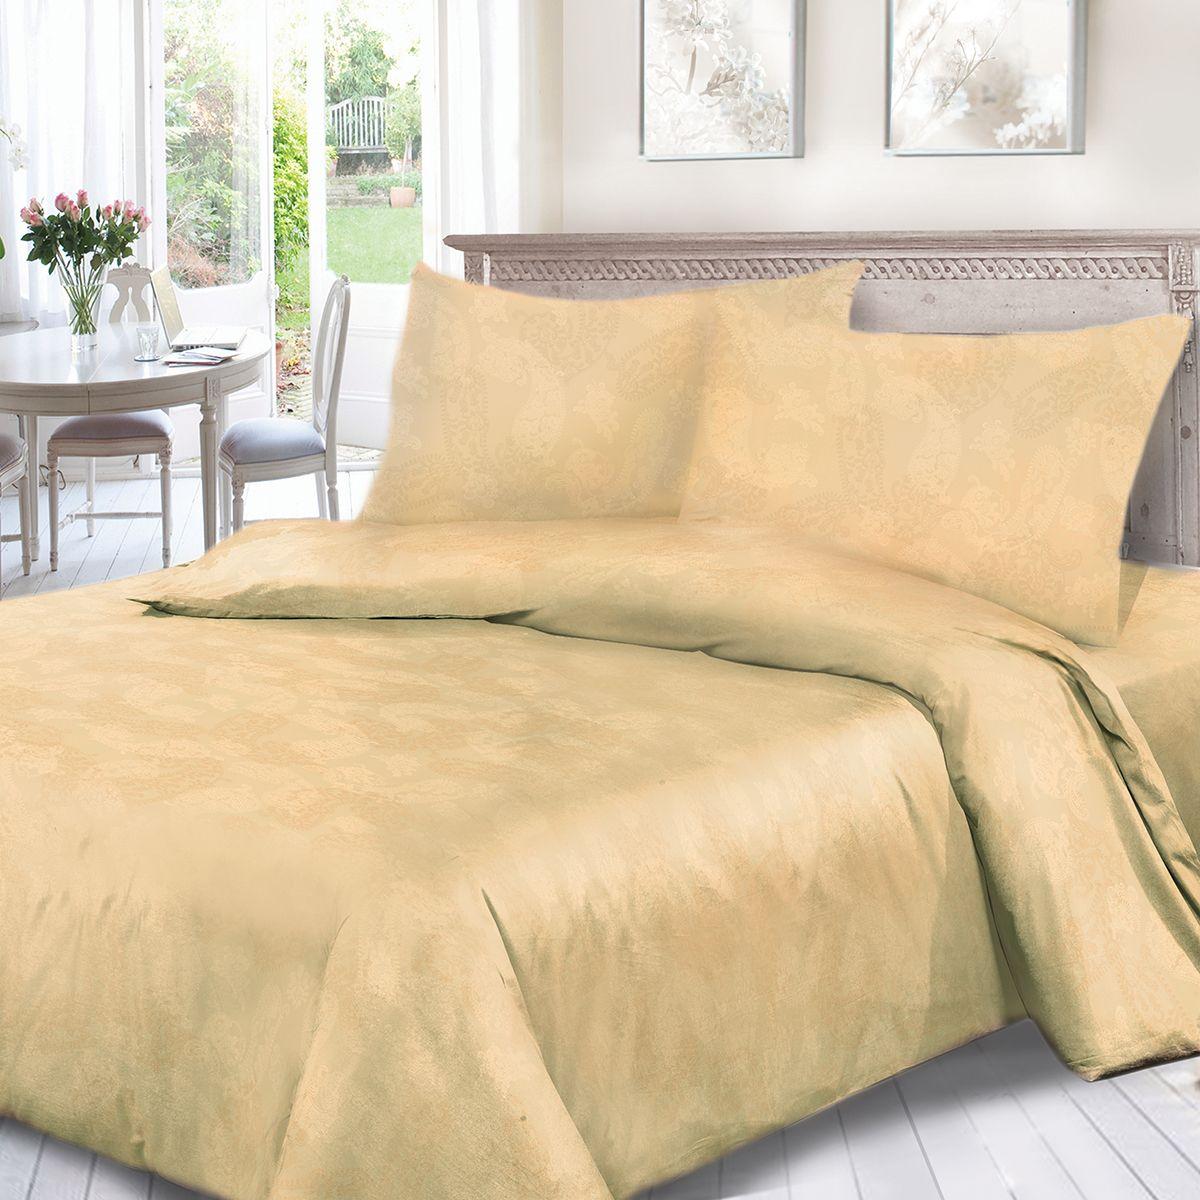 Комплект белья Сорренто Жаккард, евро, наволочки 70x70, цвет: бежевый. 3558-280276